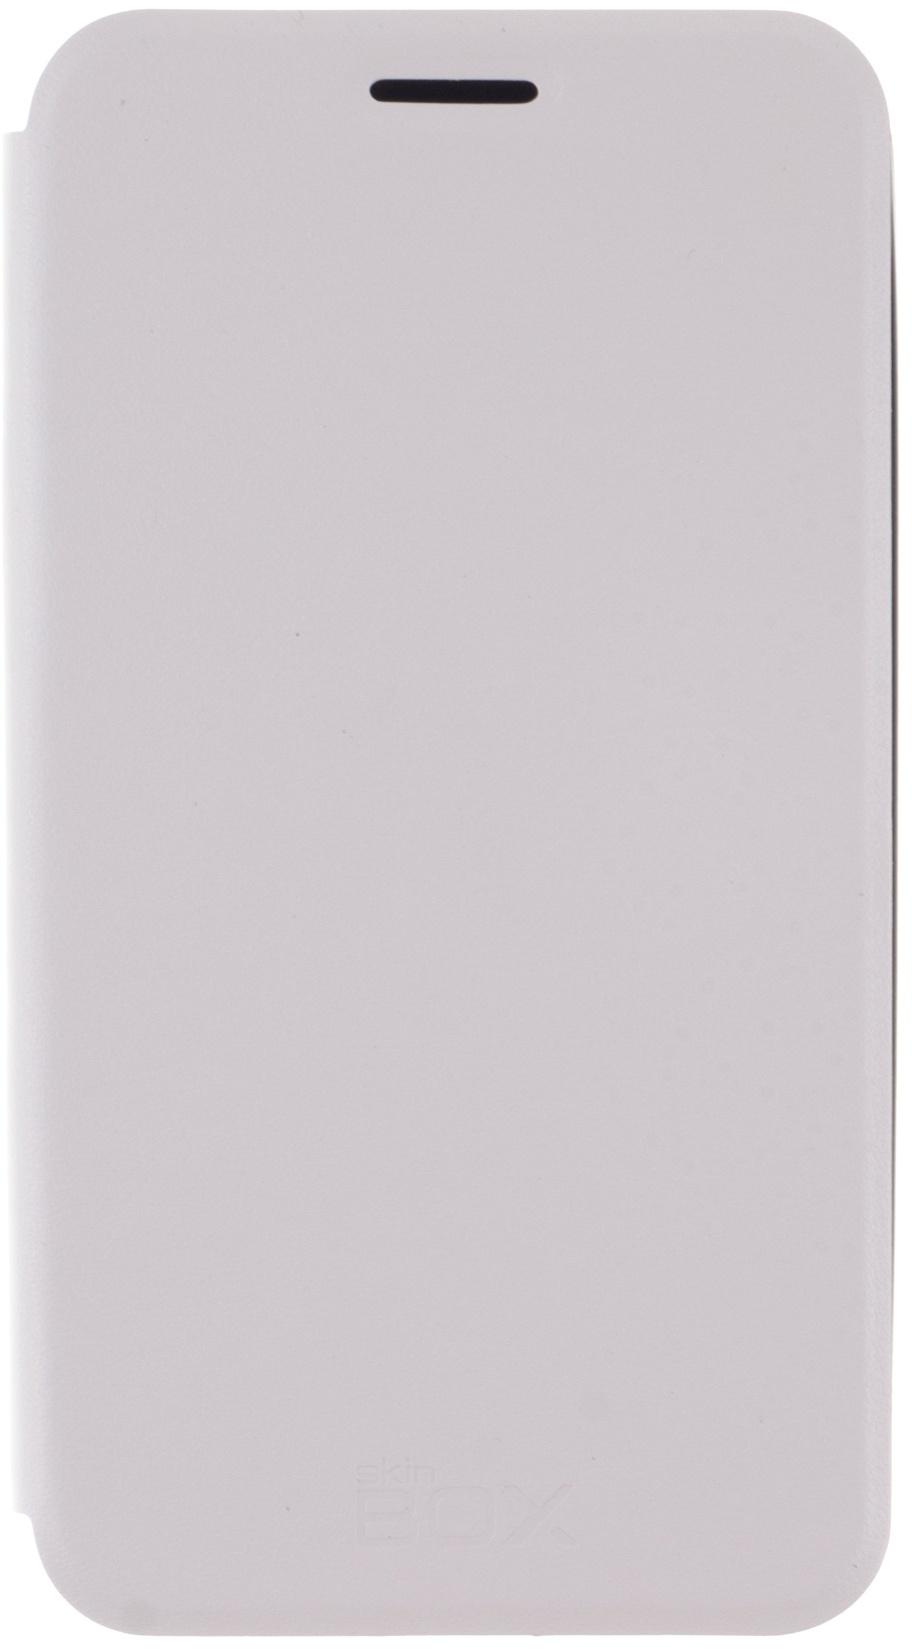 Чехол для сотового телефона skinBOX Lux, 4630042525535, белый